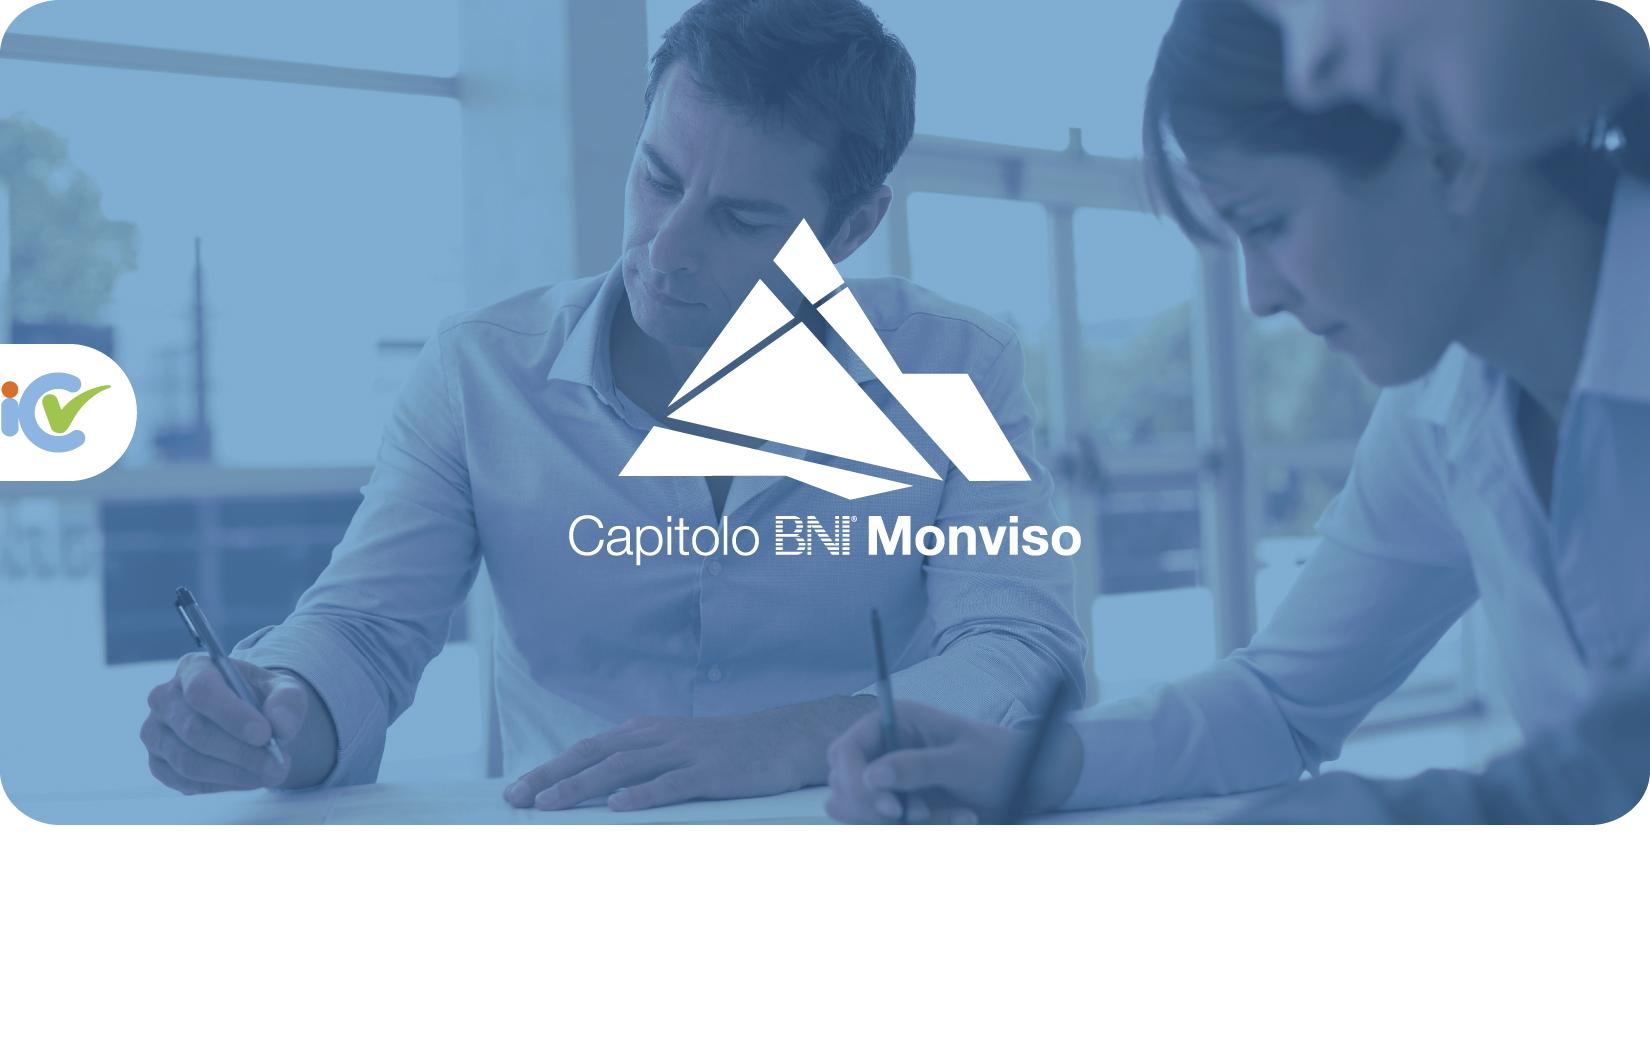 Capitolo BNI Monviso